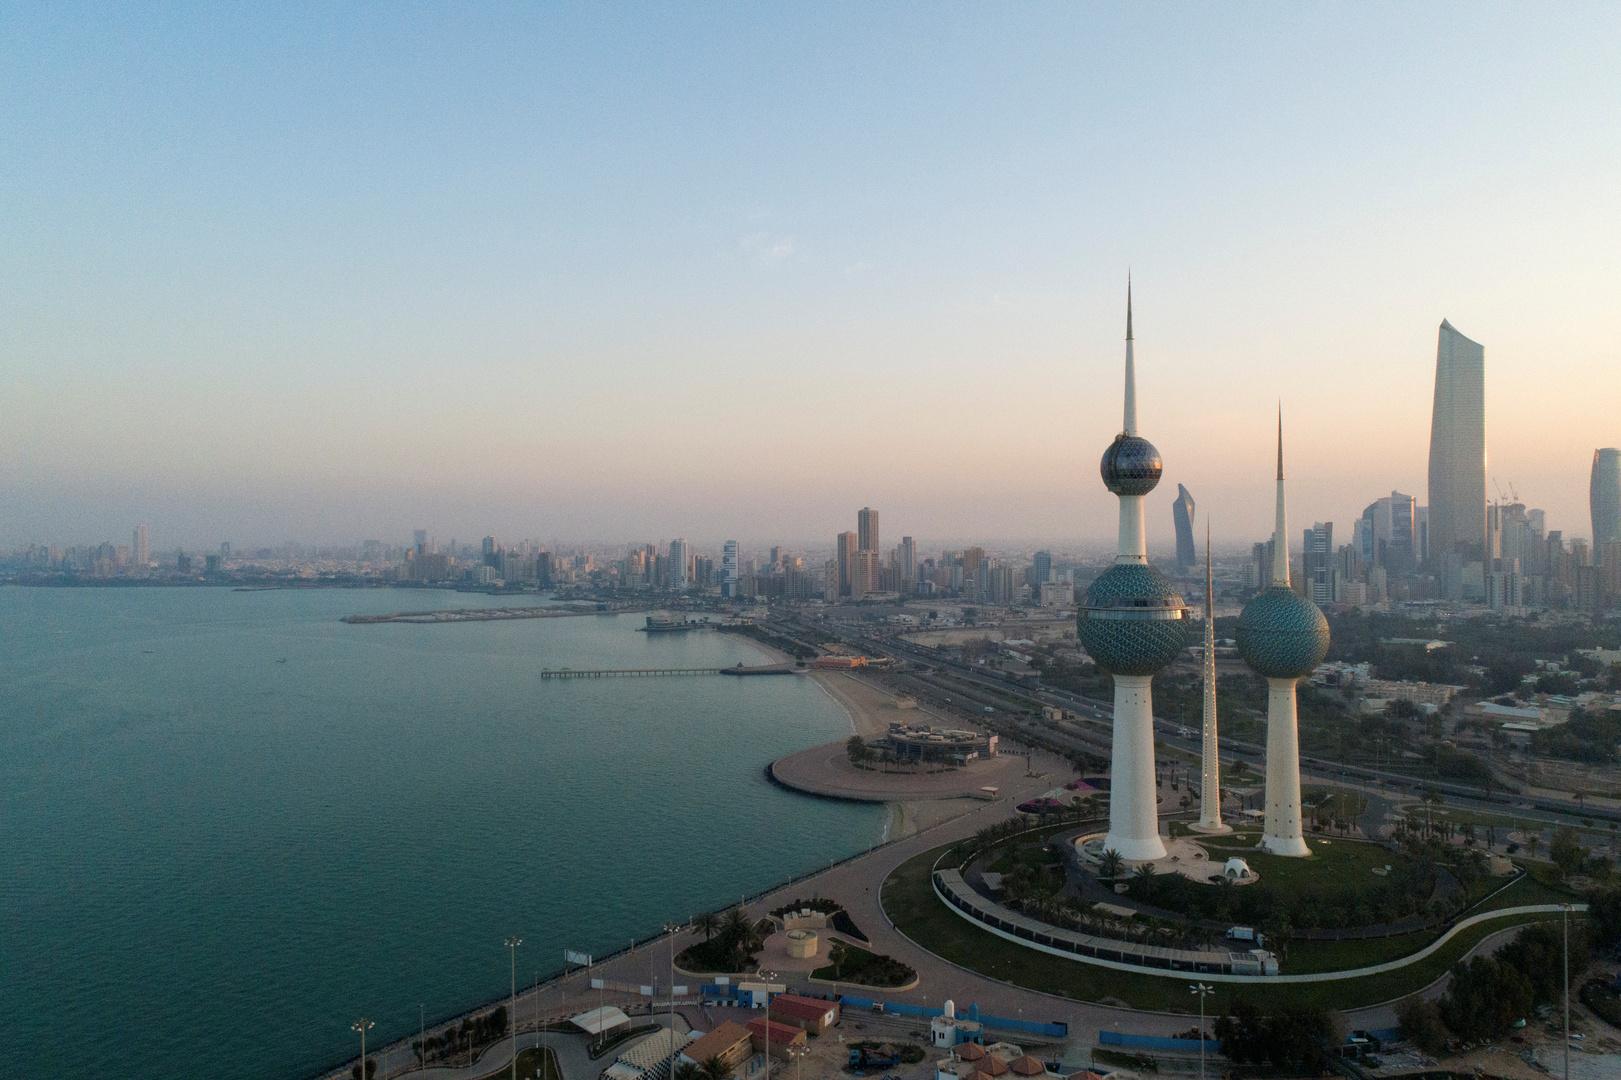 مدينة الكويت (صورة من الأرشيف)